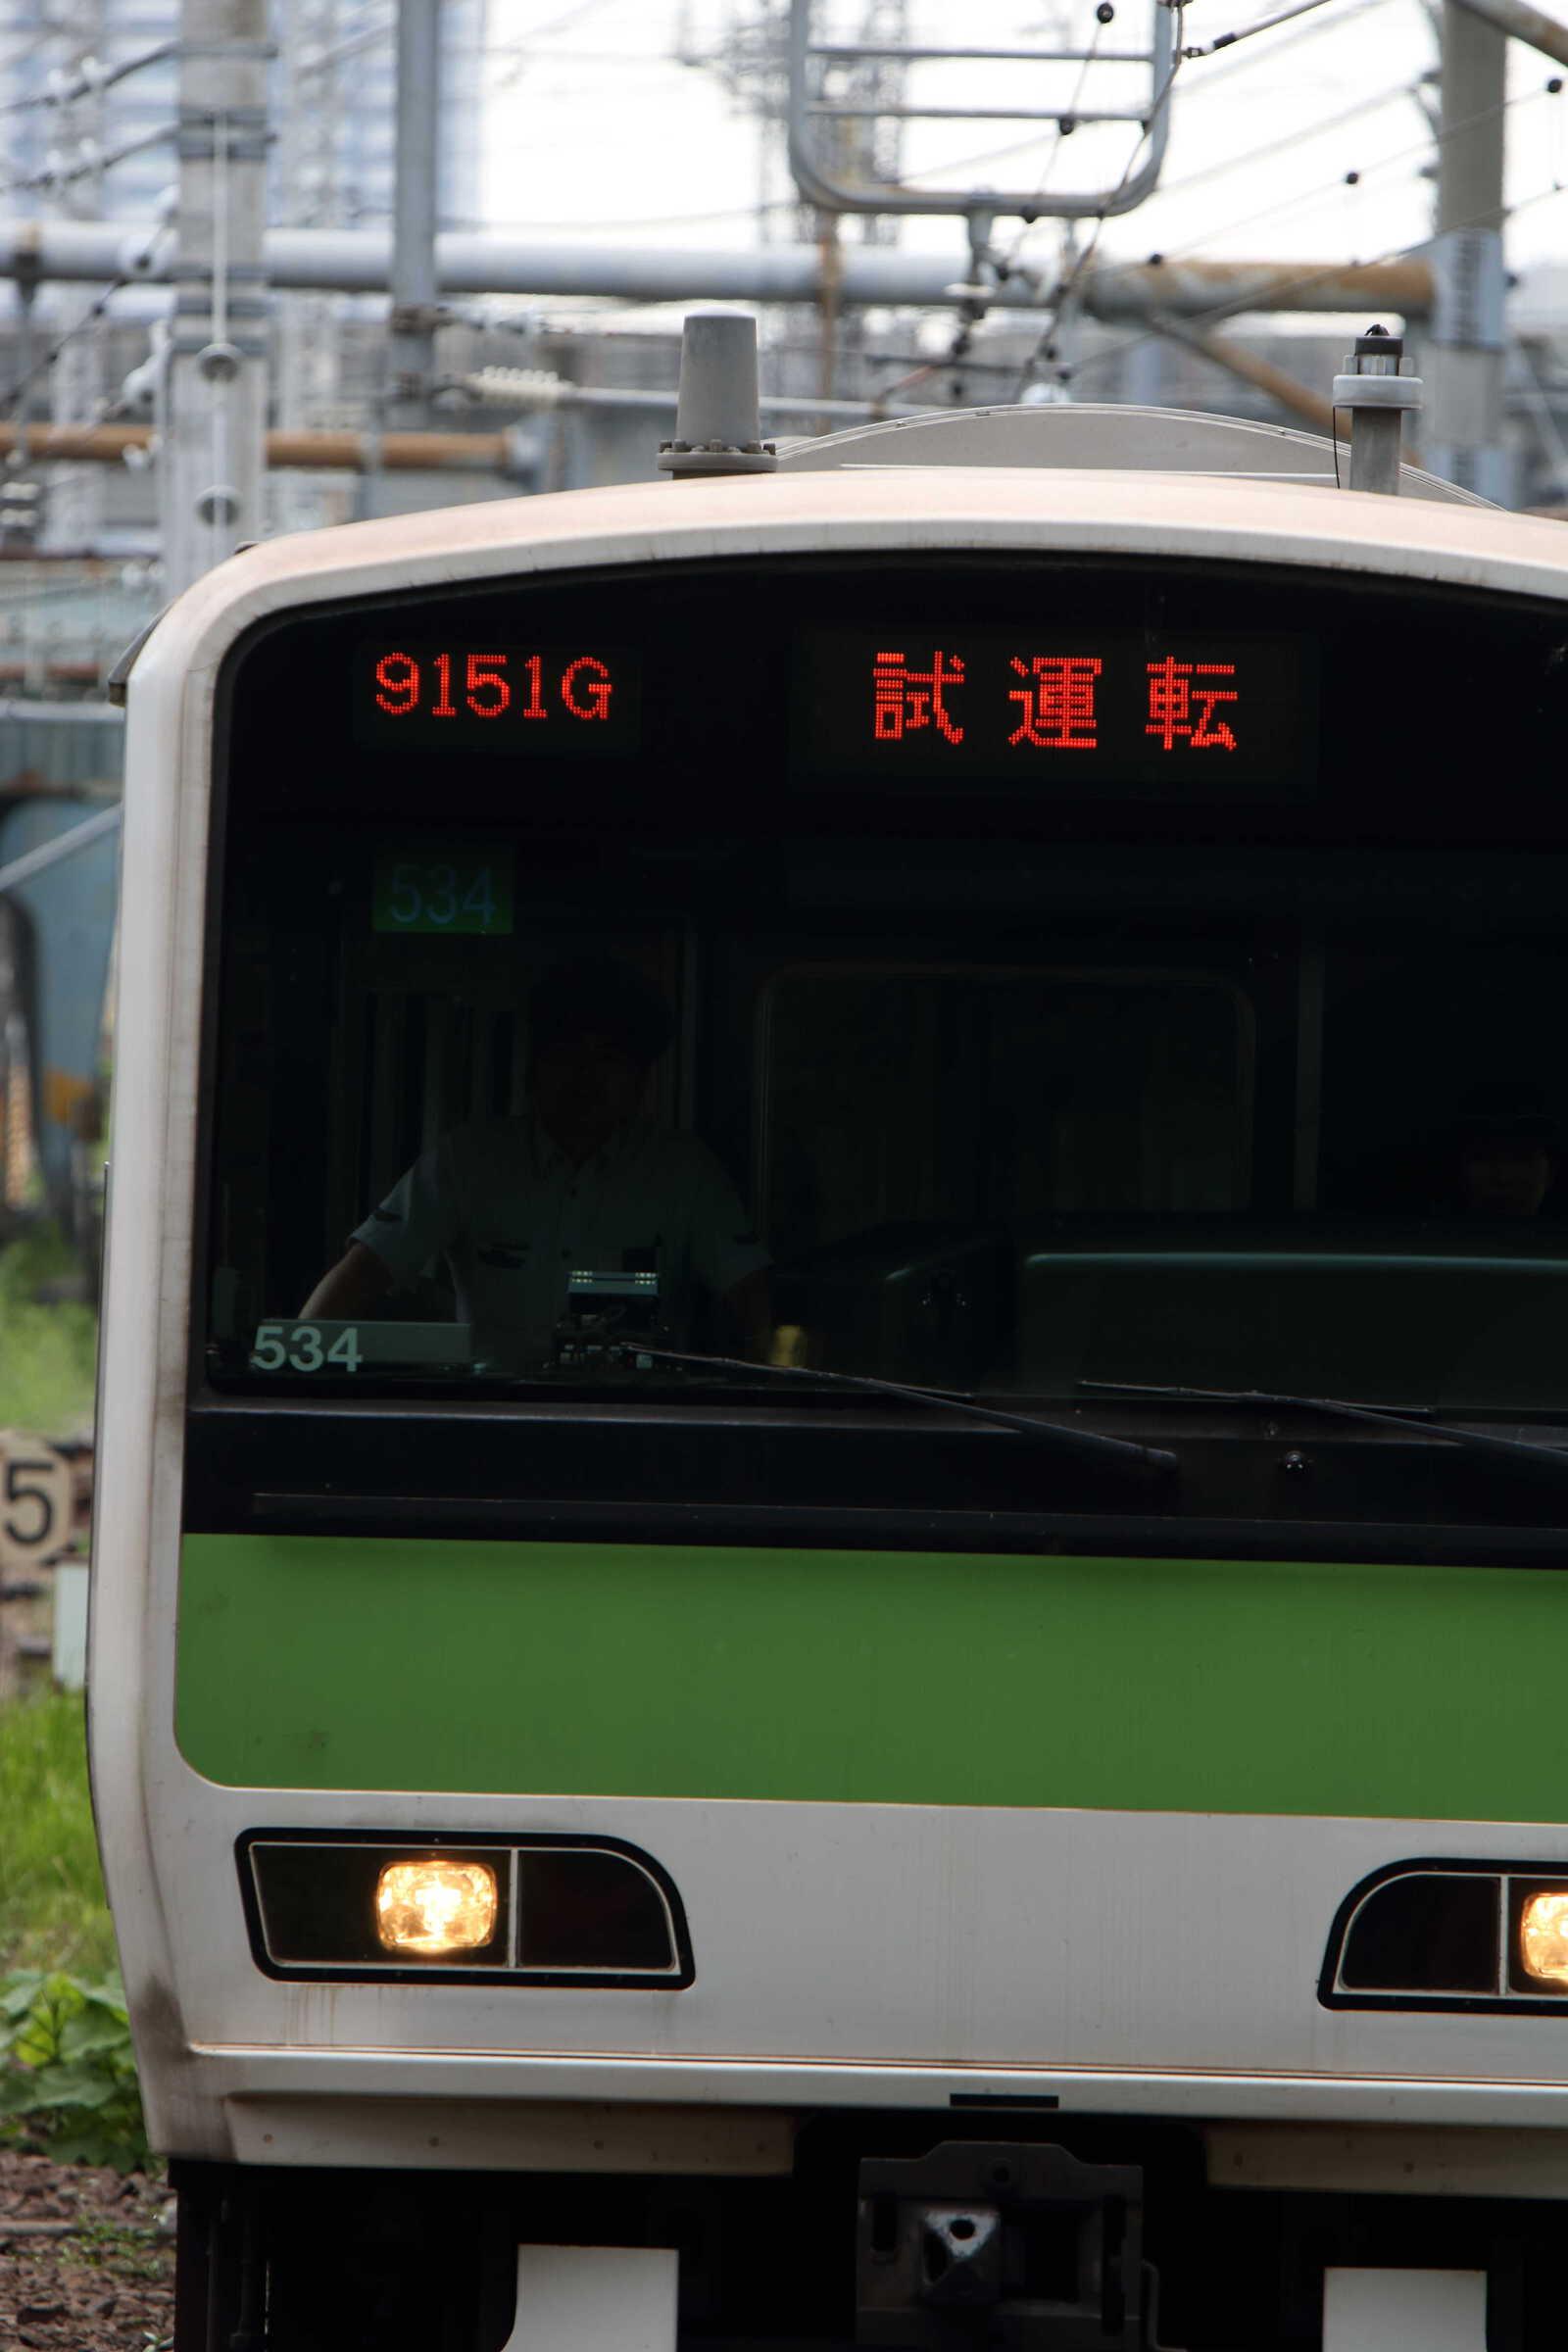 試9151G 大崎運輸区北行外側線ハンドル訓練 E231系 東トウ534編成